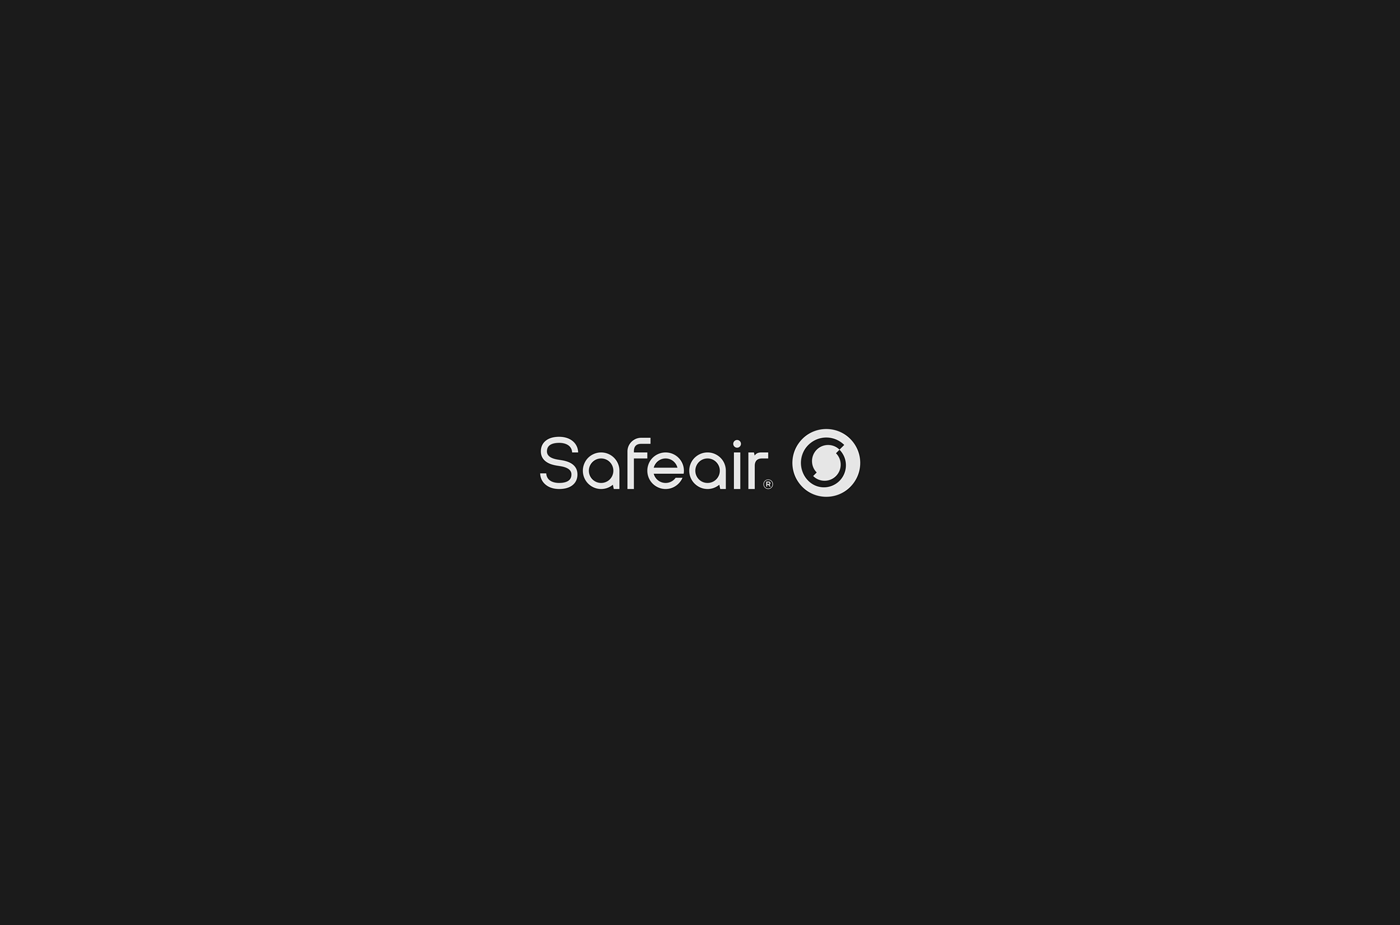 Safeair.png